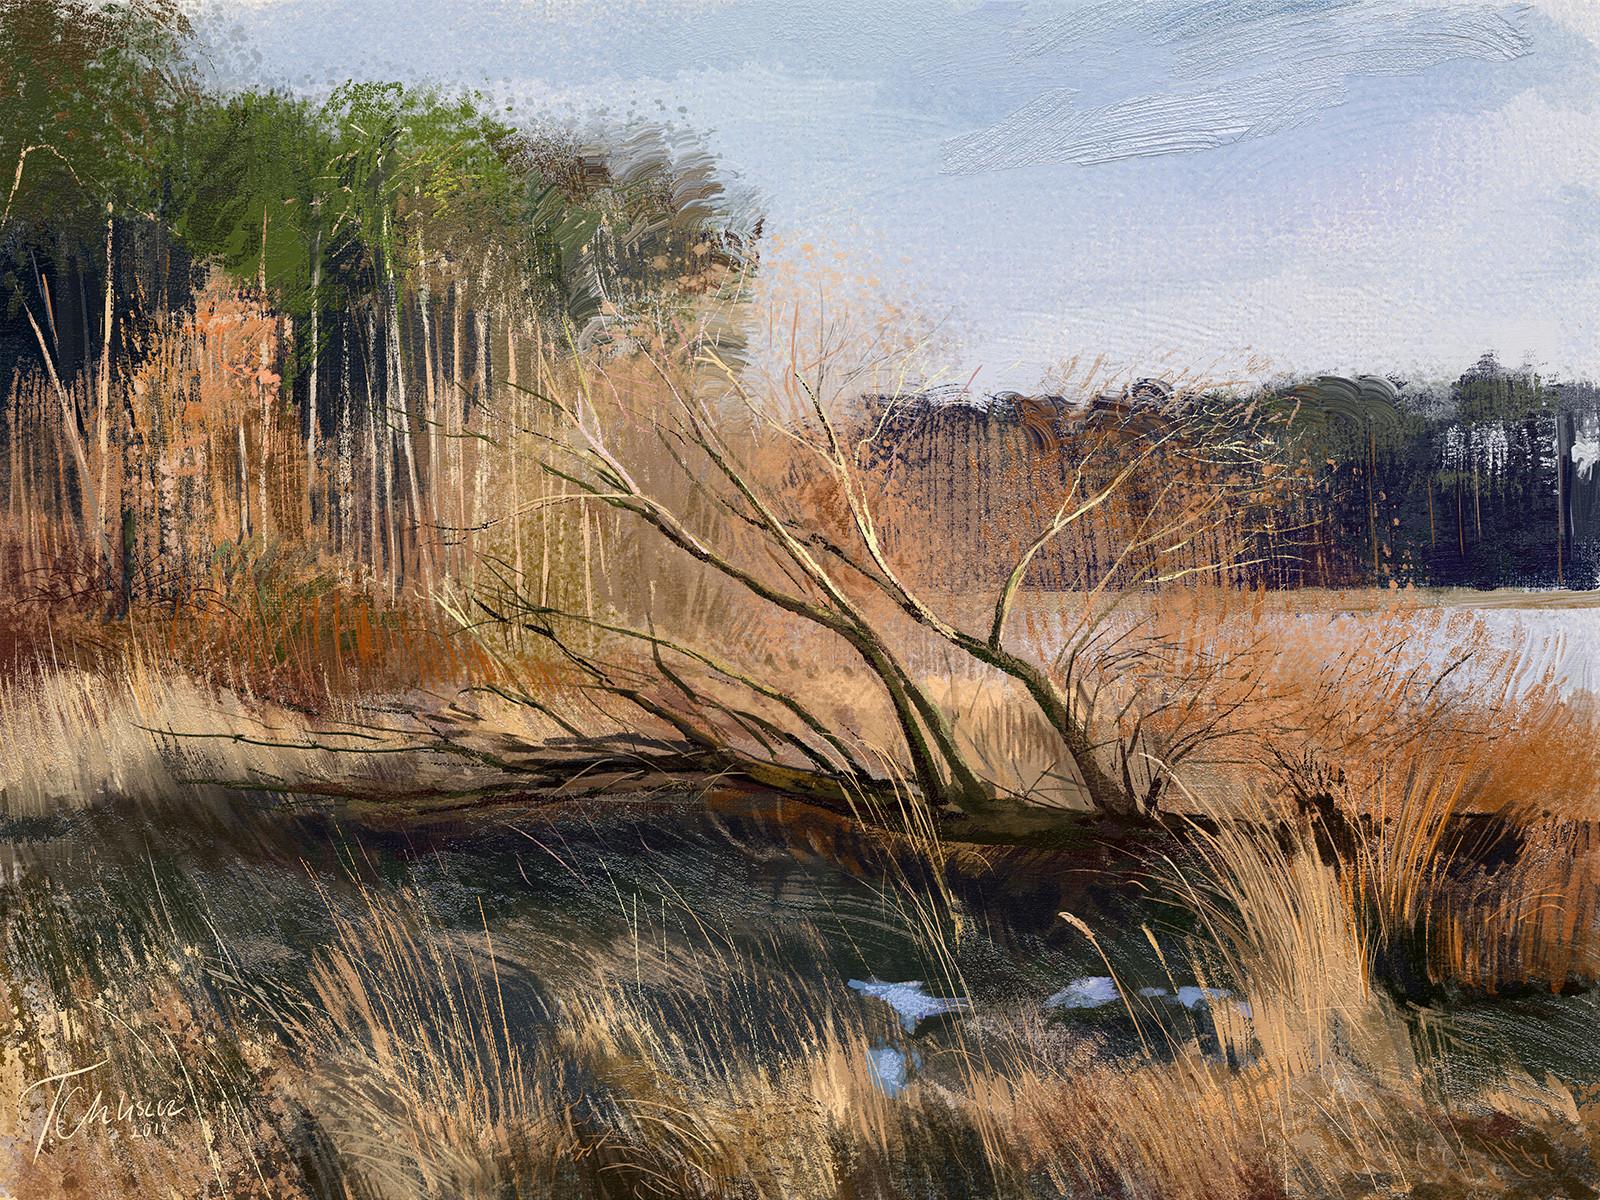 Tymoteusz chliszcz landscape82 by chliszcz